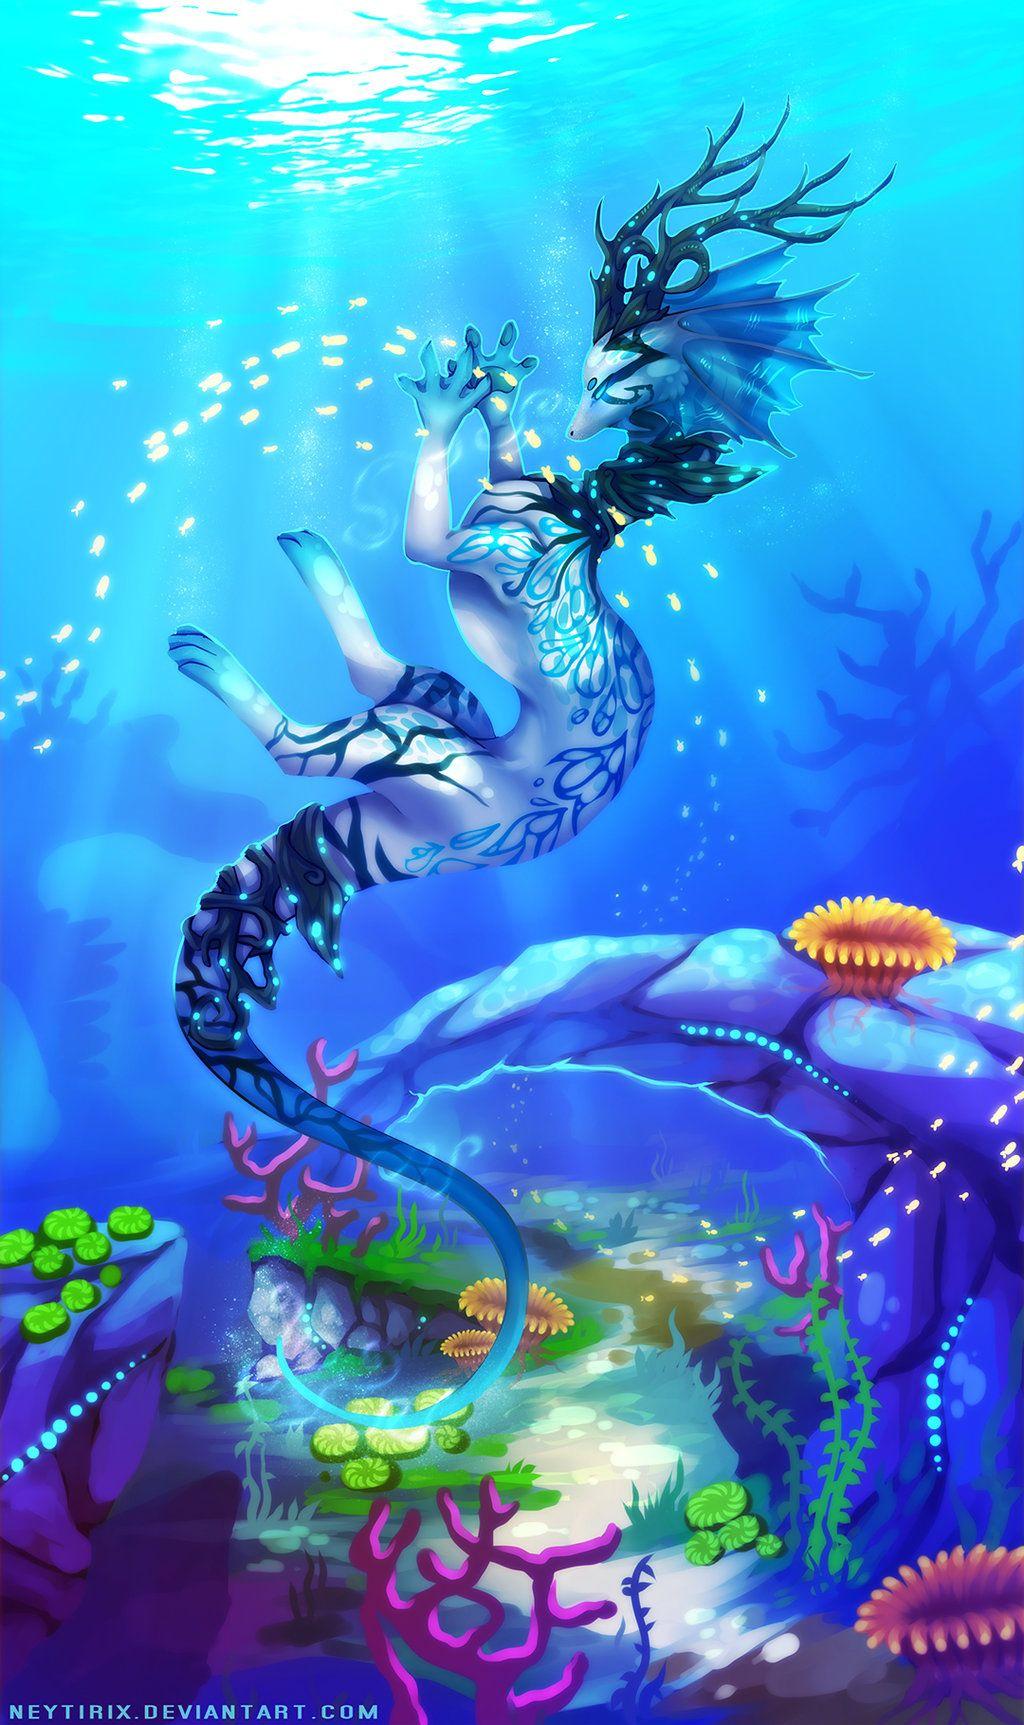 Enjoy WackyHabitat curated Sea Art SeaArt Just for Fun